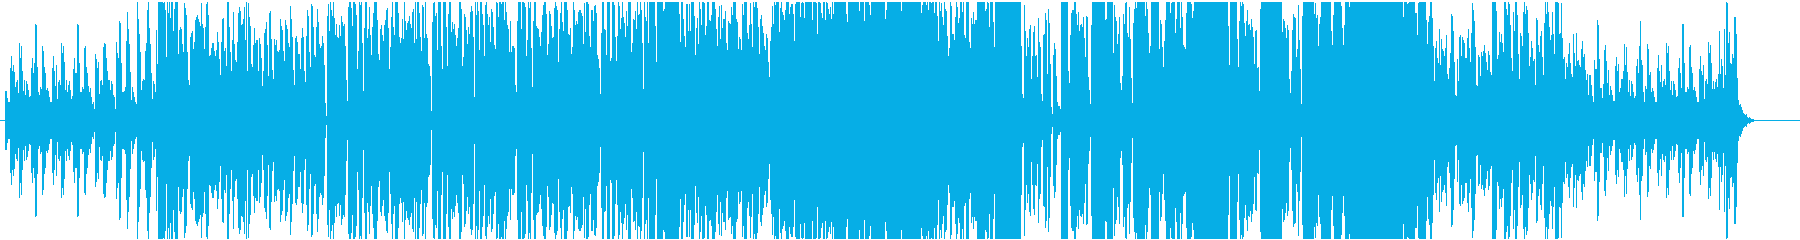 お洒落でかっこいいEDMの再生済みの波形